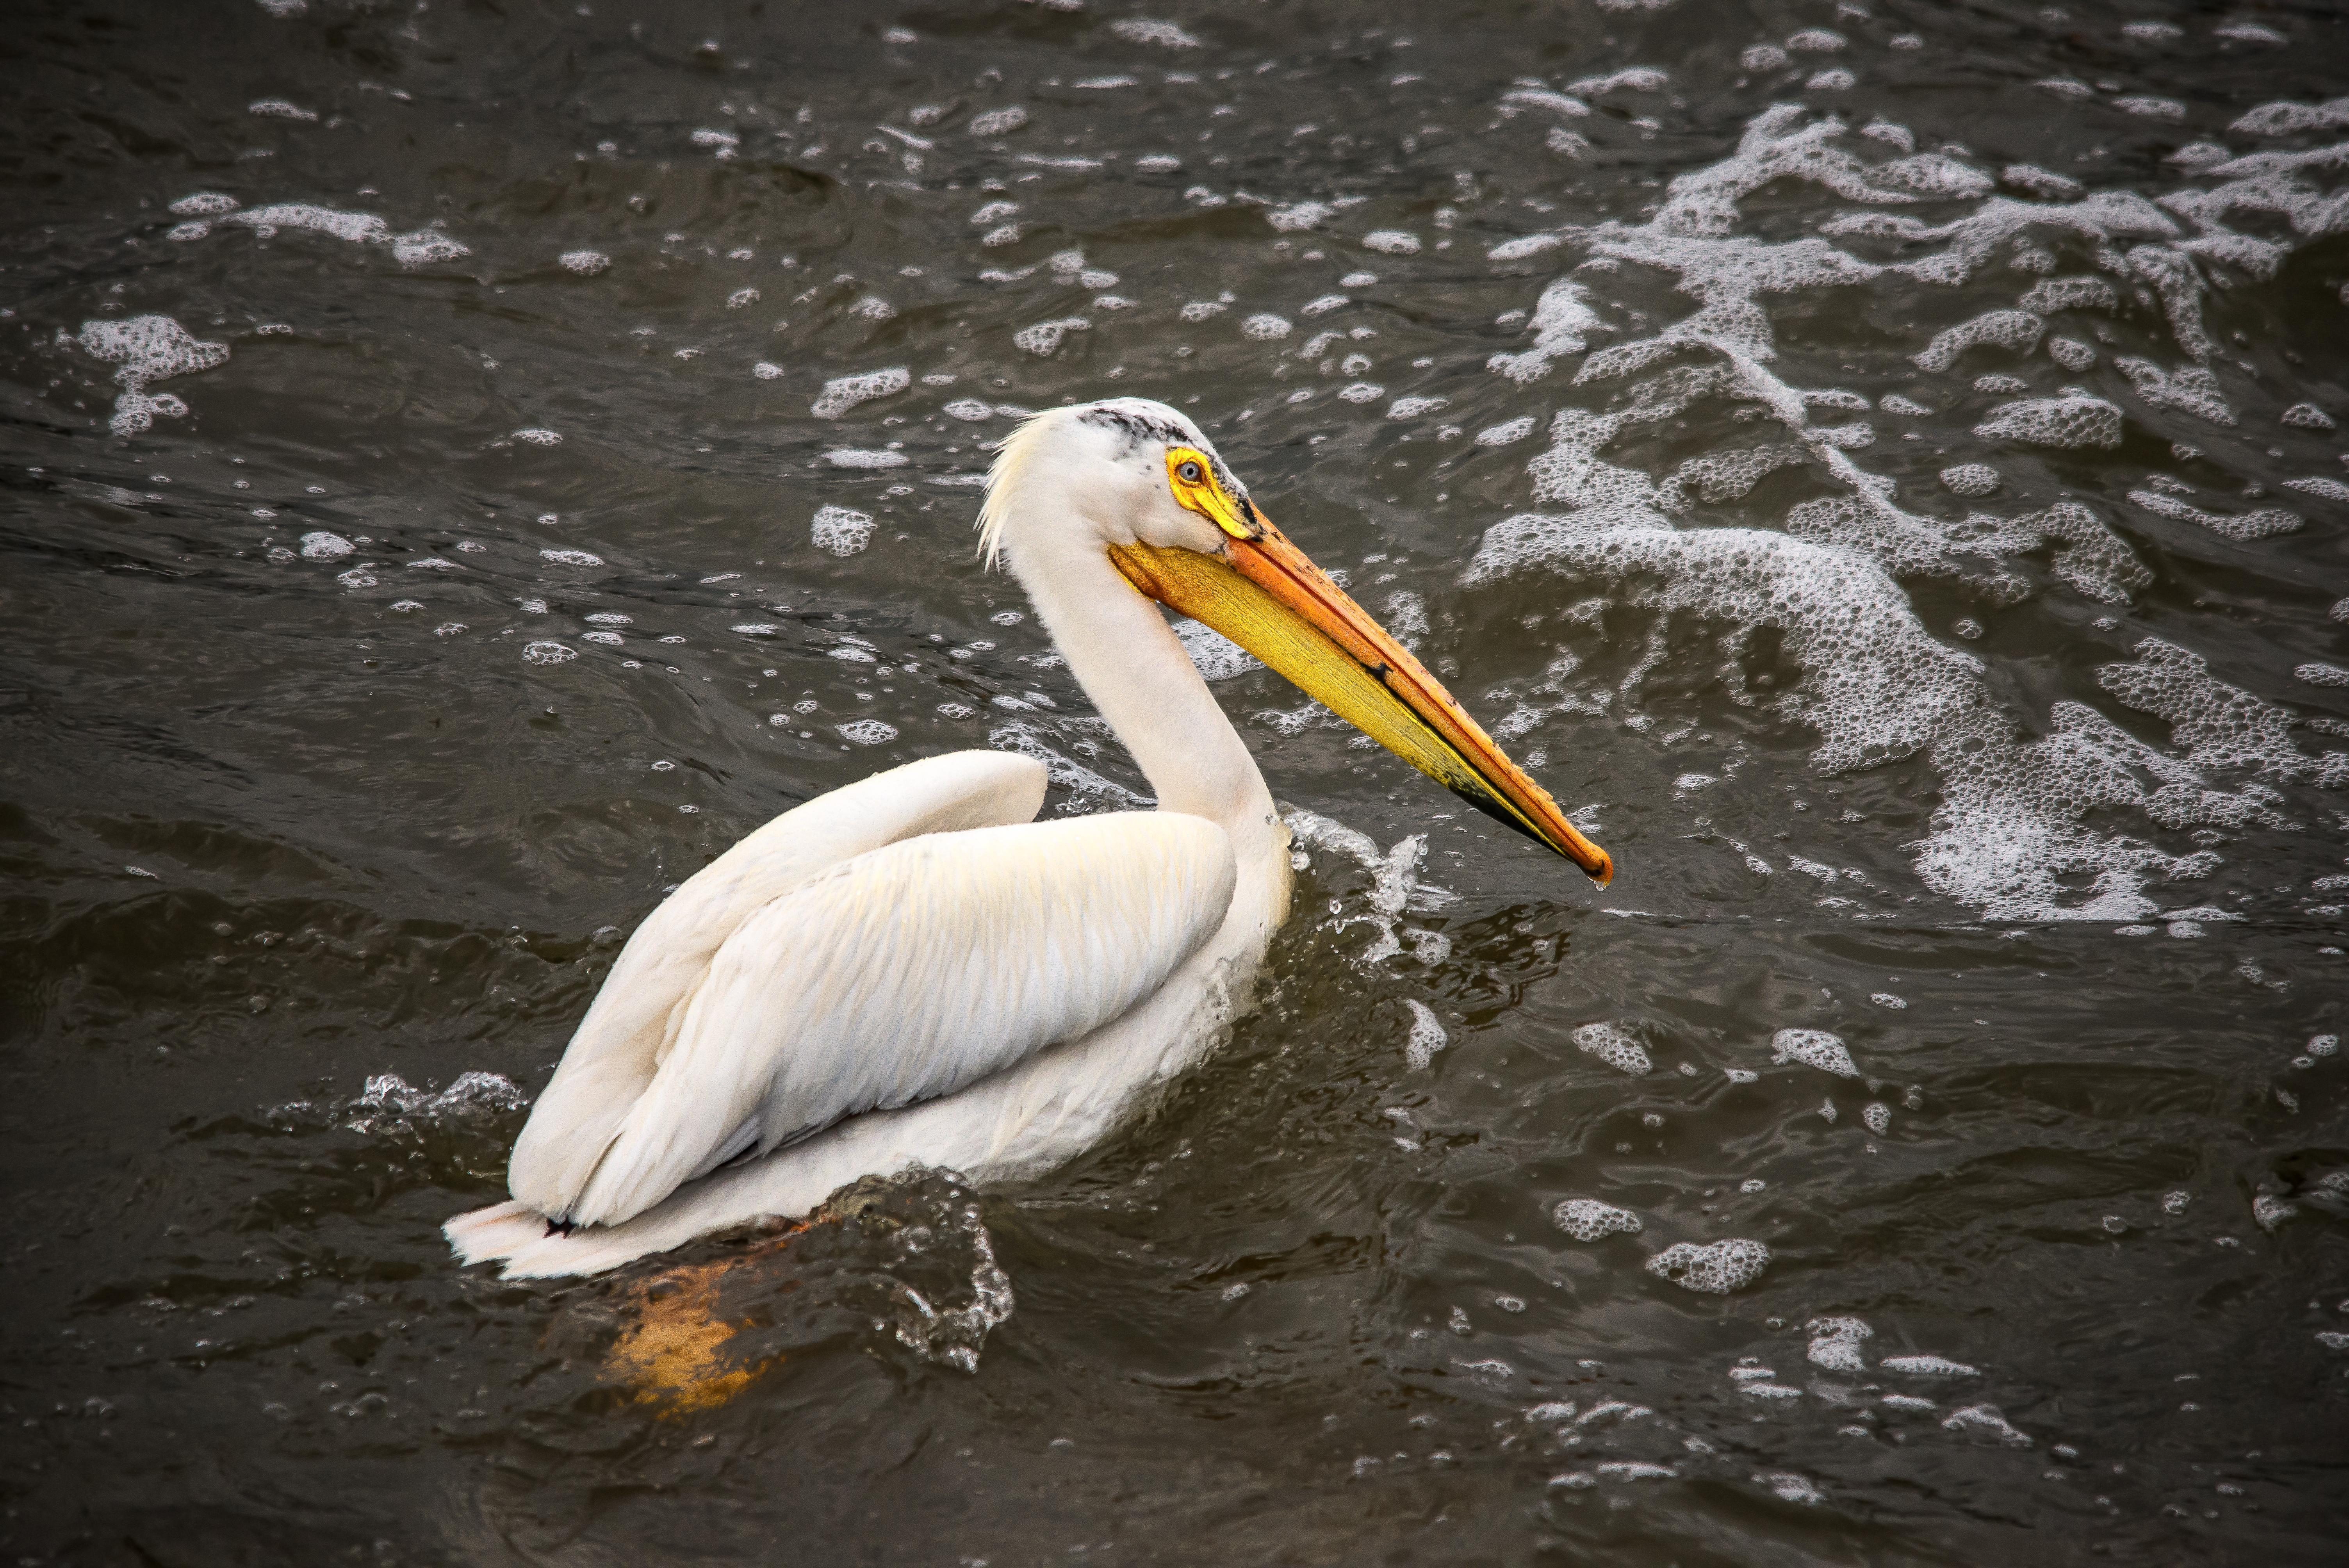 Pelican Swimming in River by Kyle Mortara